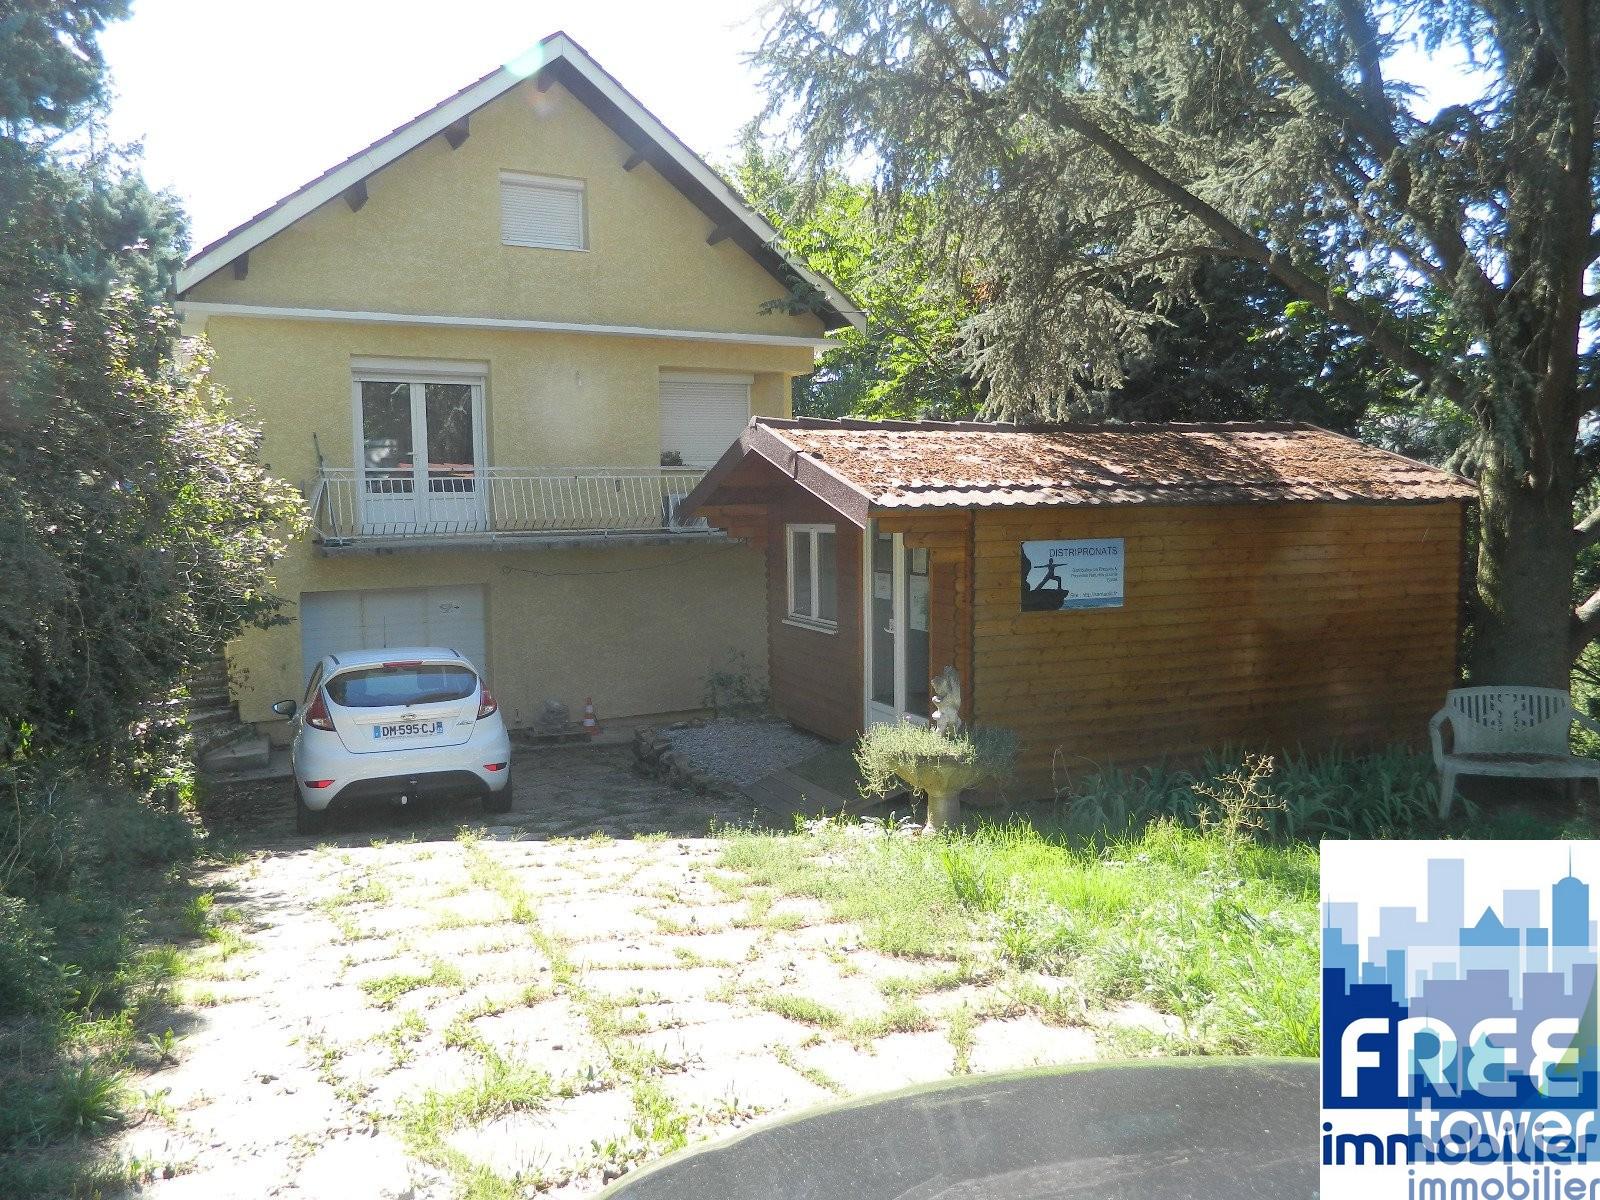 Vente a l horme maison avec de terrain constructible for Maison container terrain non constructible